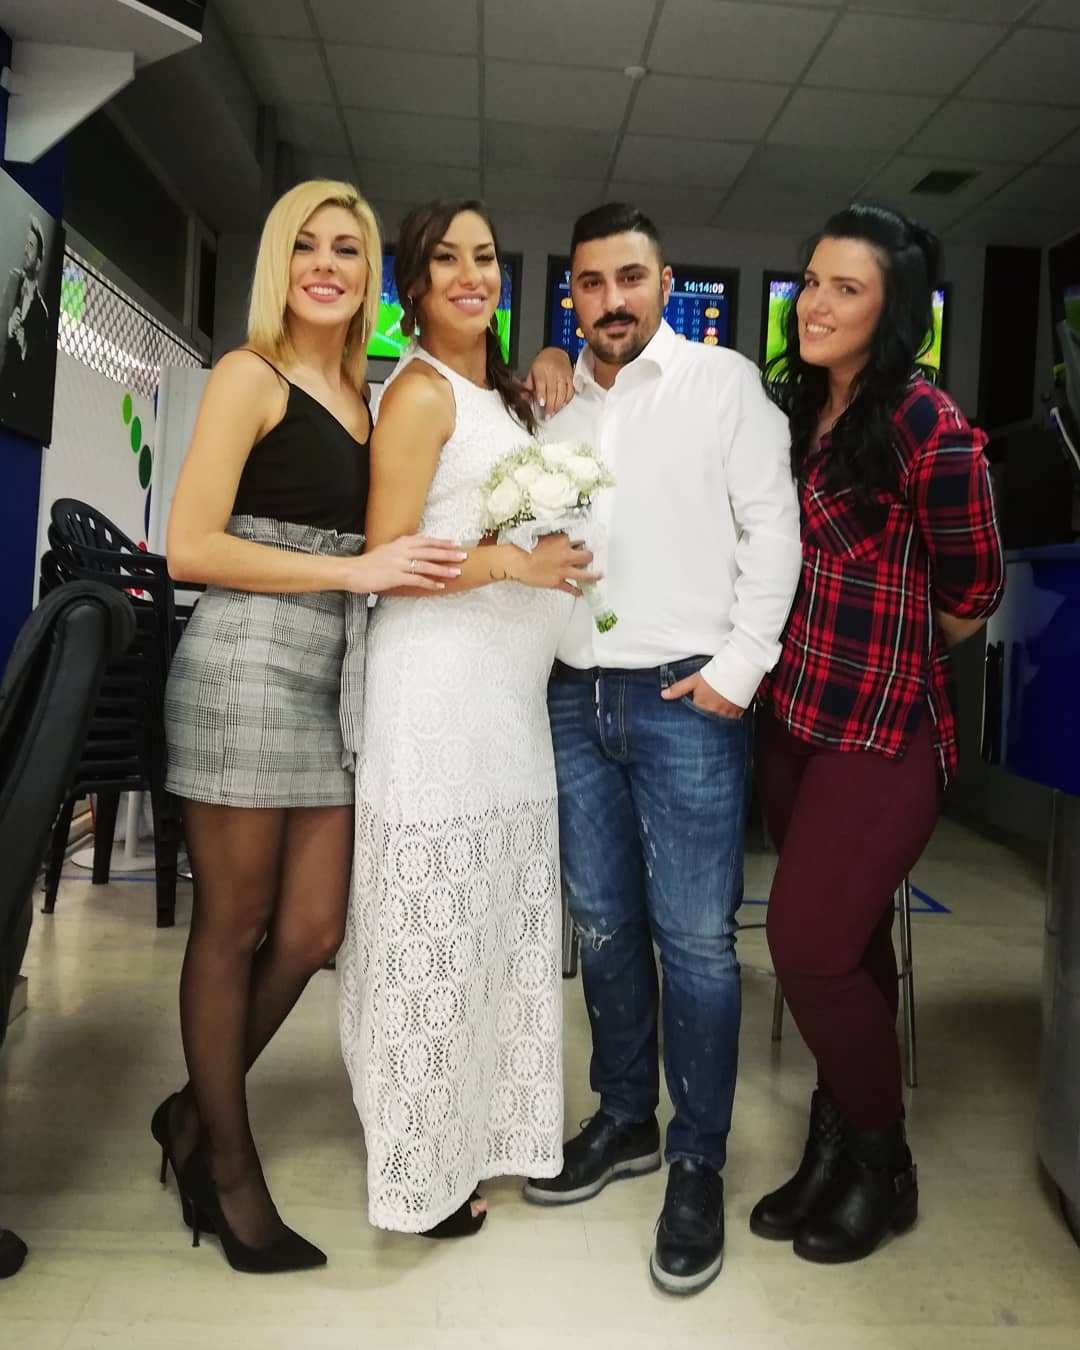 Ο αδερφός του Παντελή Παντελίδη παντρεύτηκε την έγκυο Πωλίνα από το Καφέ της Χαράς (Photos)